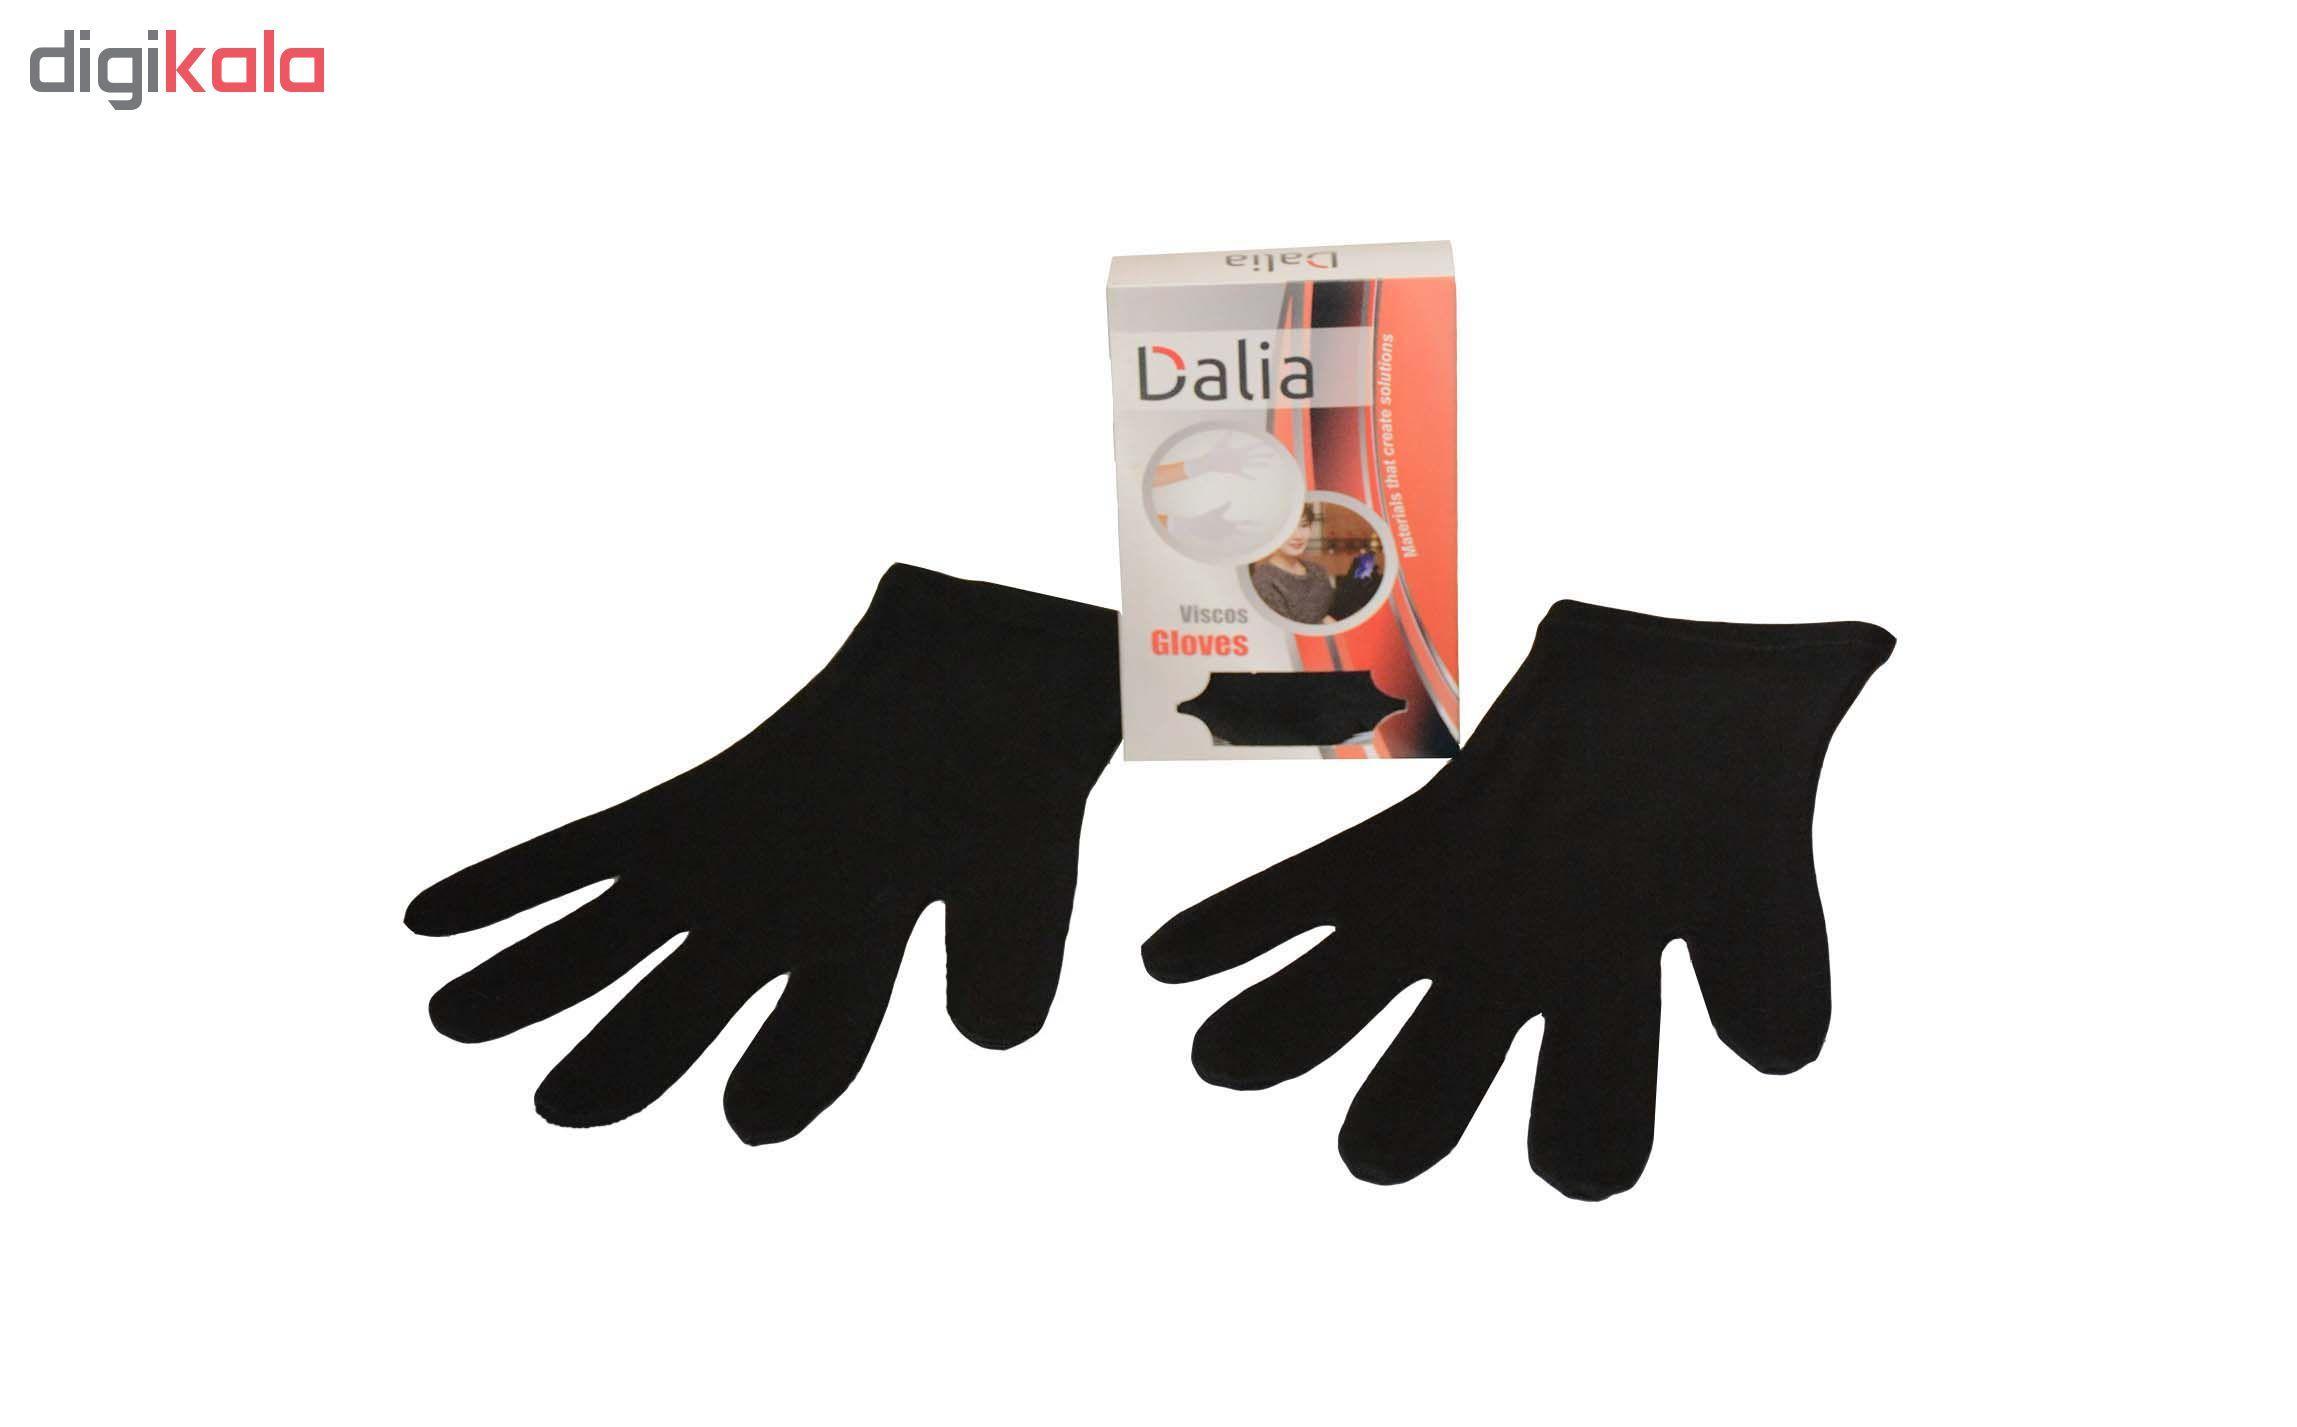 دستکش نخی ضد حساسیت دالیا مدل viscose1 main 1 2